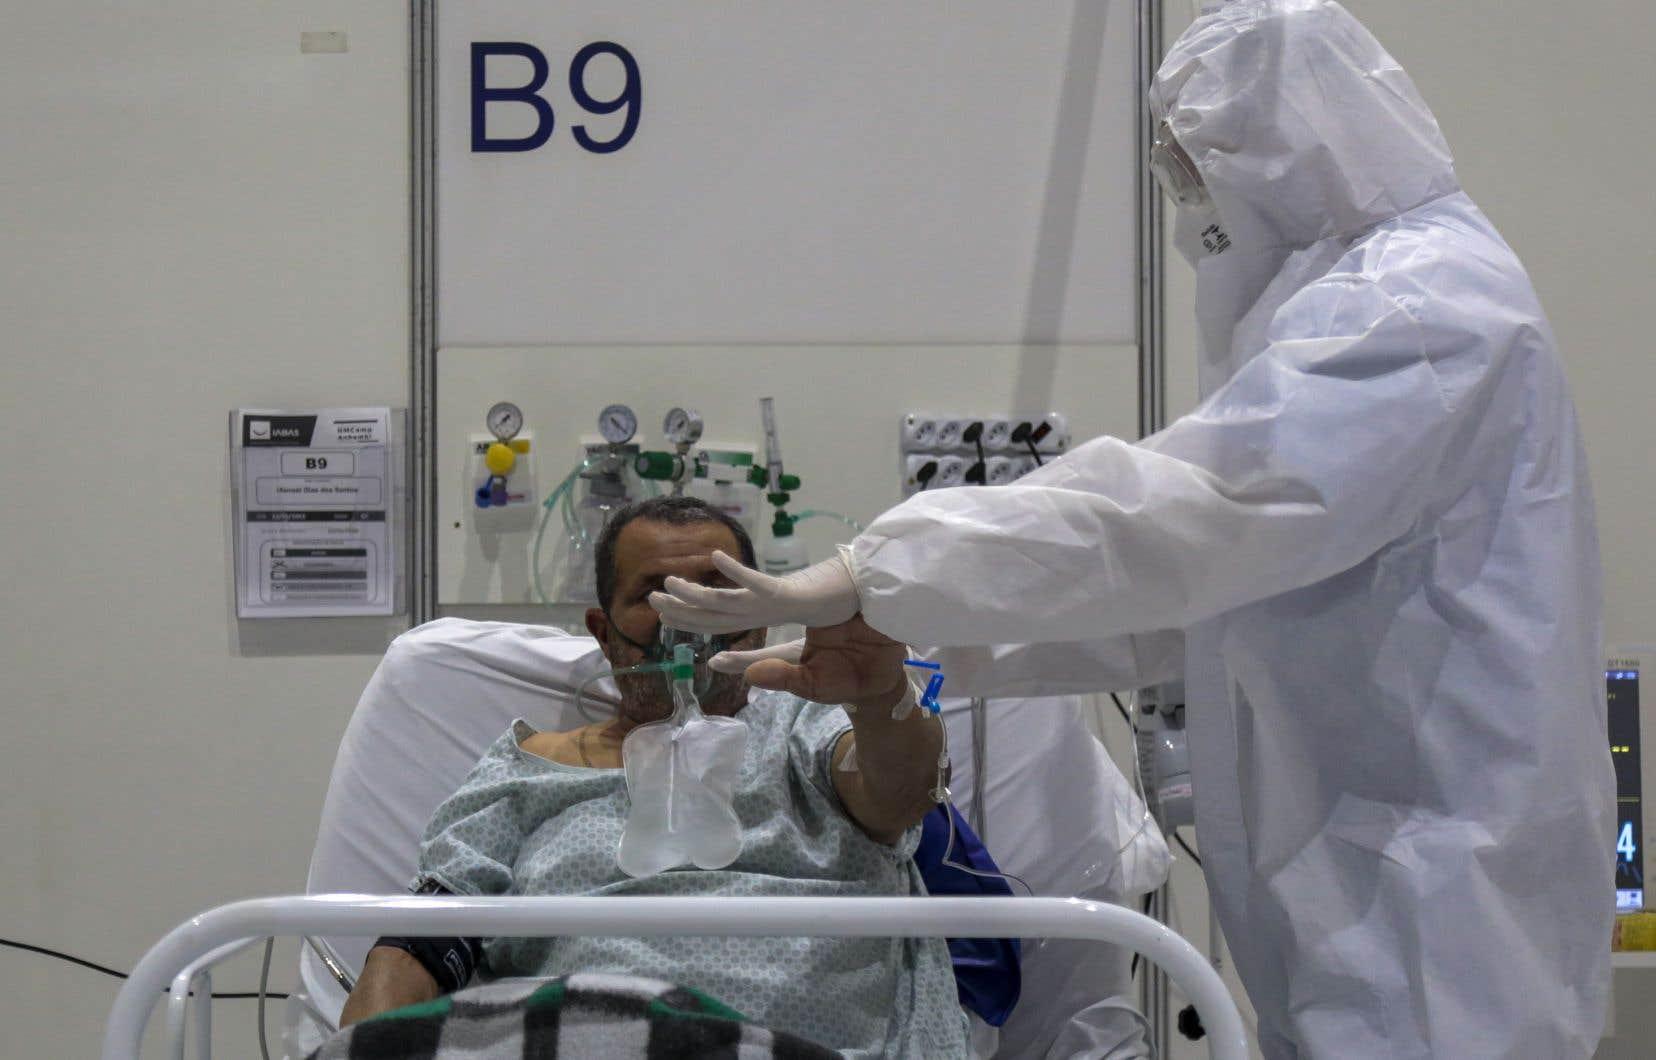 Les États de Sao Paulo et de Rio de Janeiro sont les plus affectés, avec respectivement 15030 et 10198 décès pour près de 290000 et 116000 contaminations.